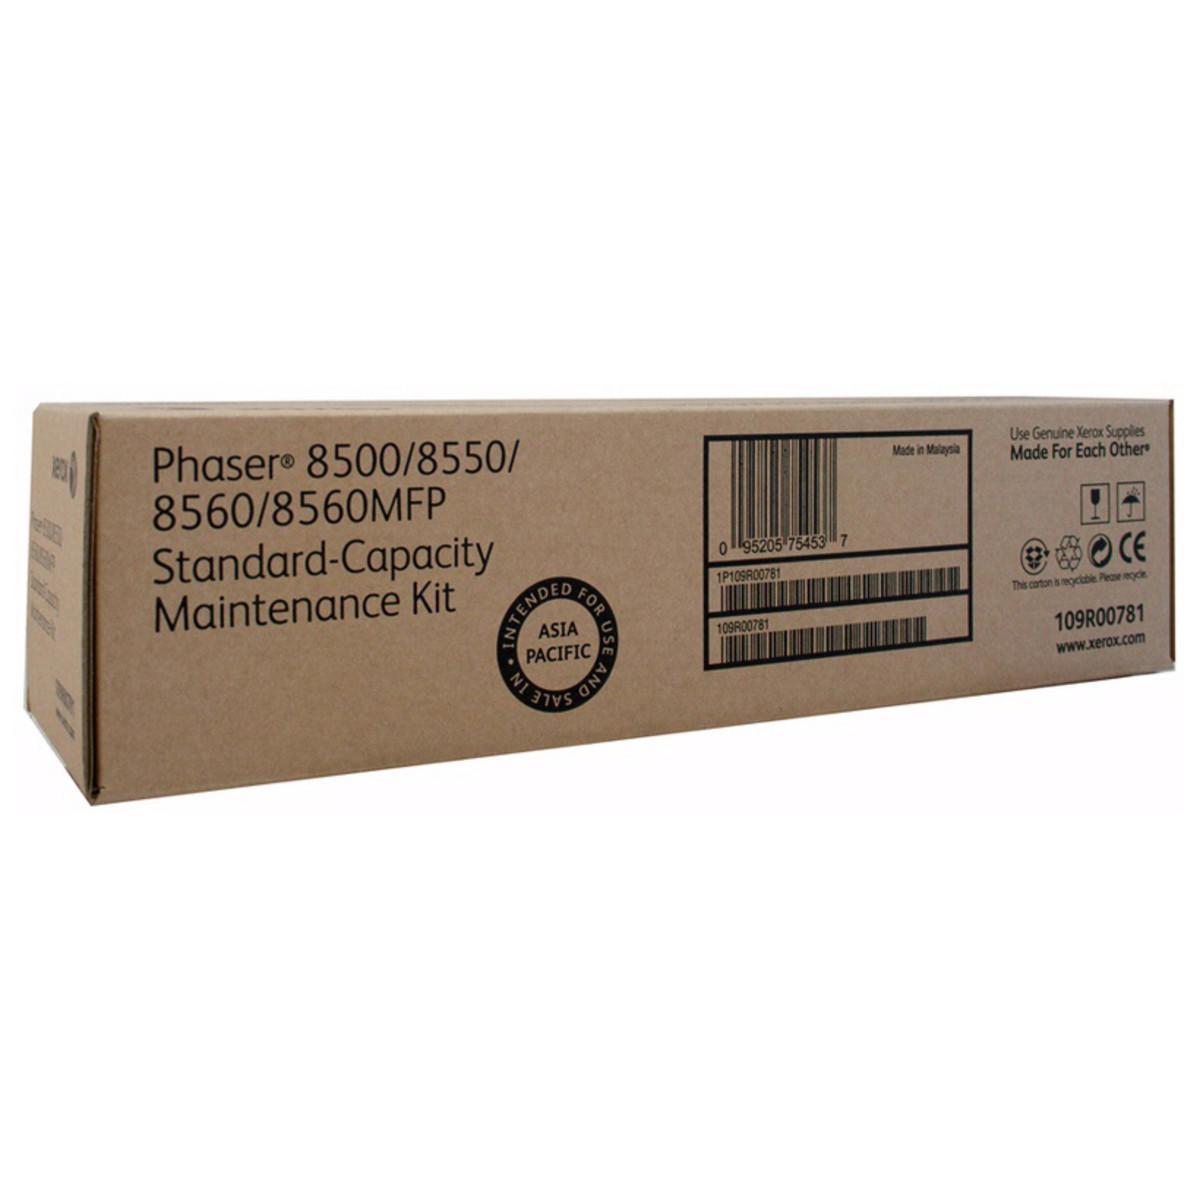 Xerox P8500/8550/8560 Standard-capacity Maintenance Kit